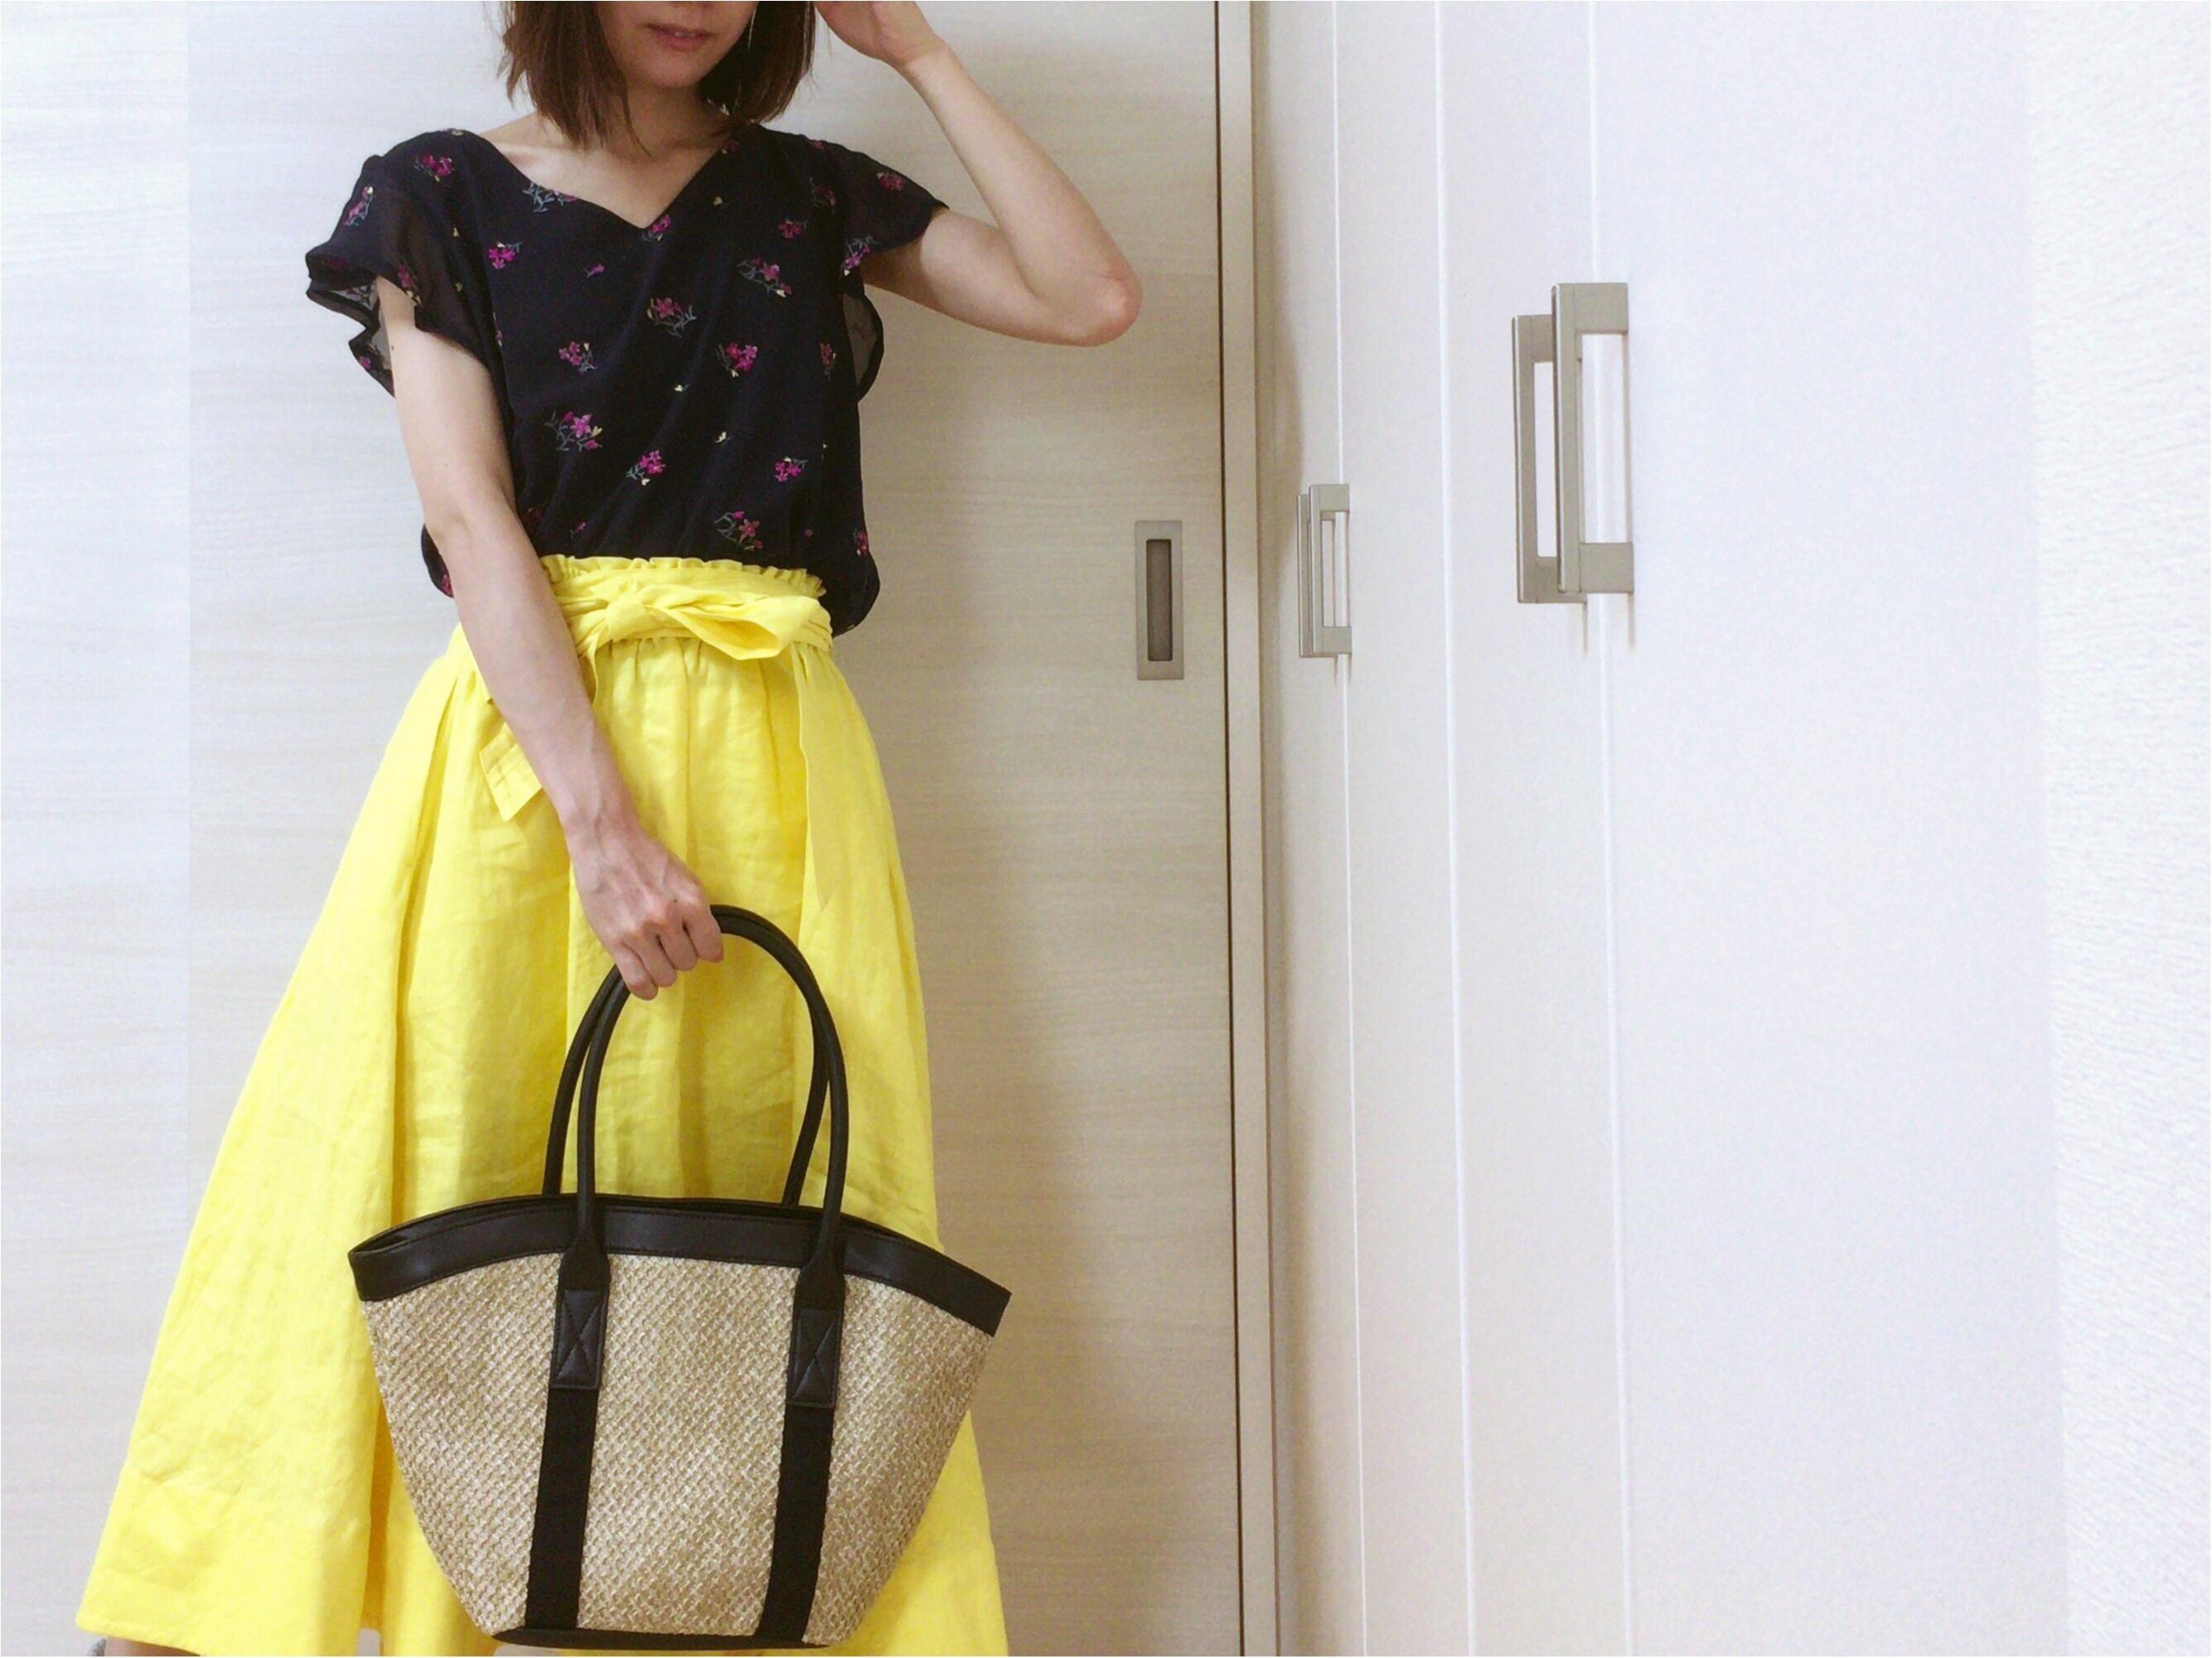 即使える【夏コーデ3選】流行!《イエロースカート》カジュアルからオフィス・休日まで簡単着回し♡_5